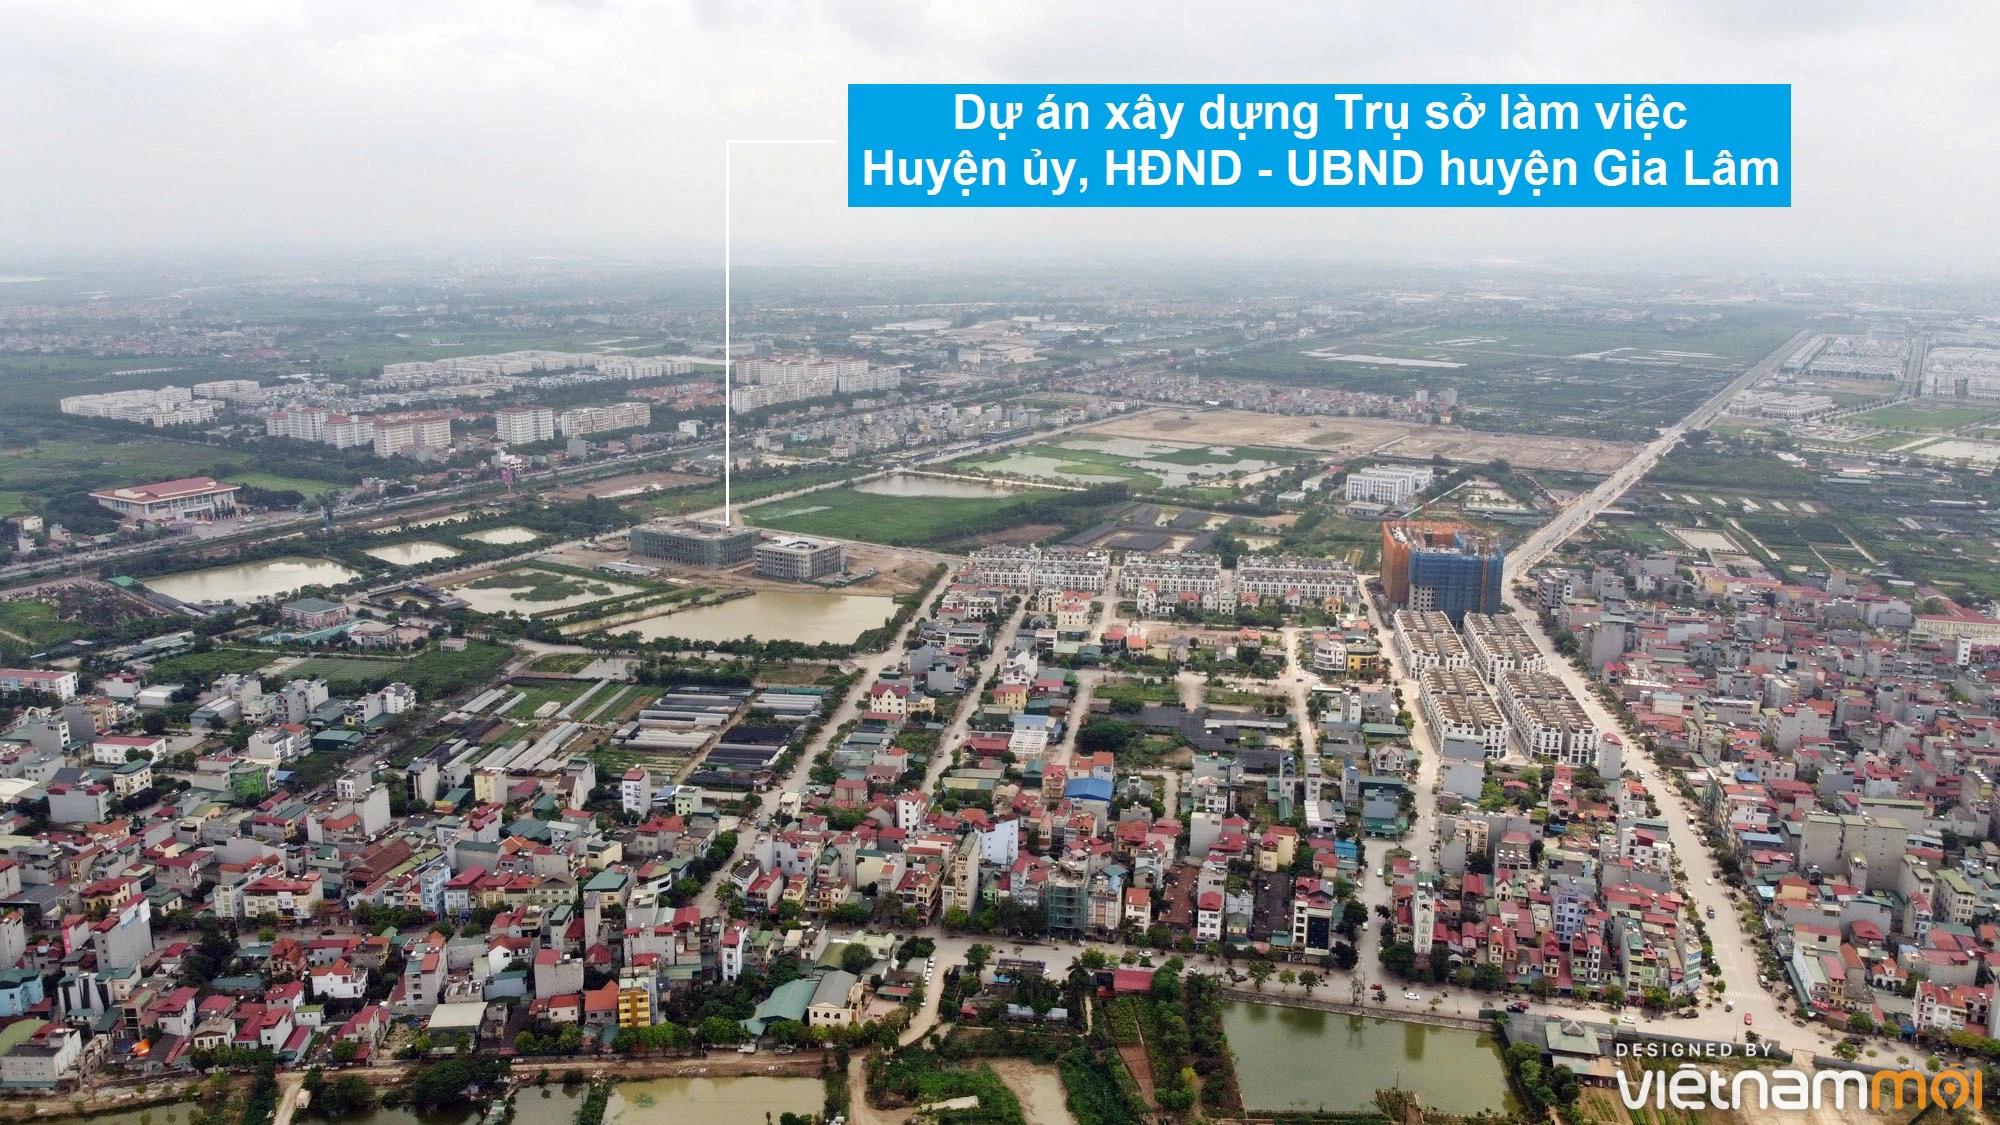 Toàn cảnh đường từ Kiêu Kỵ đến sông Cầu Bây qua Vinhomes Ocean Park đang mở theo quy hoạch ở Hà Nội - Ảnh 16.